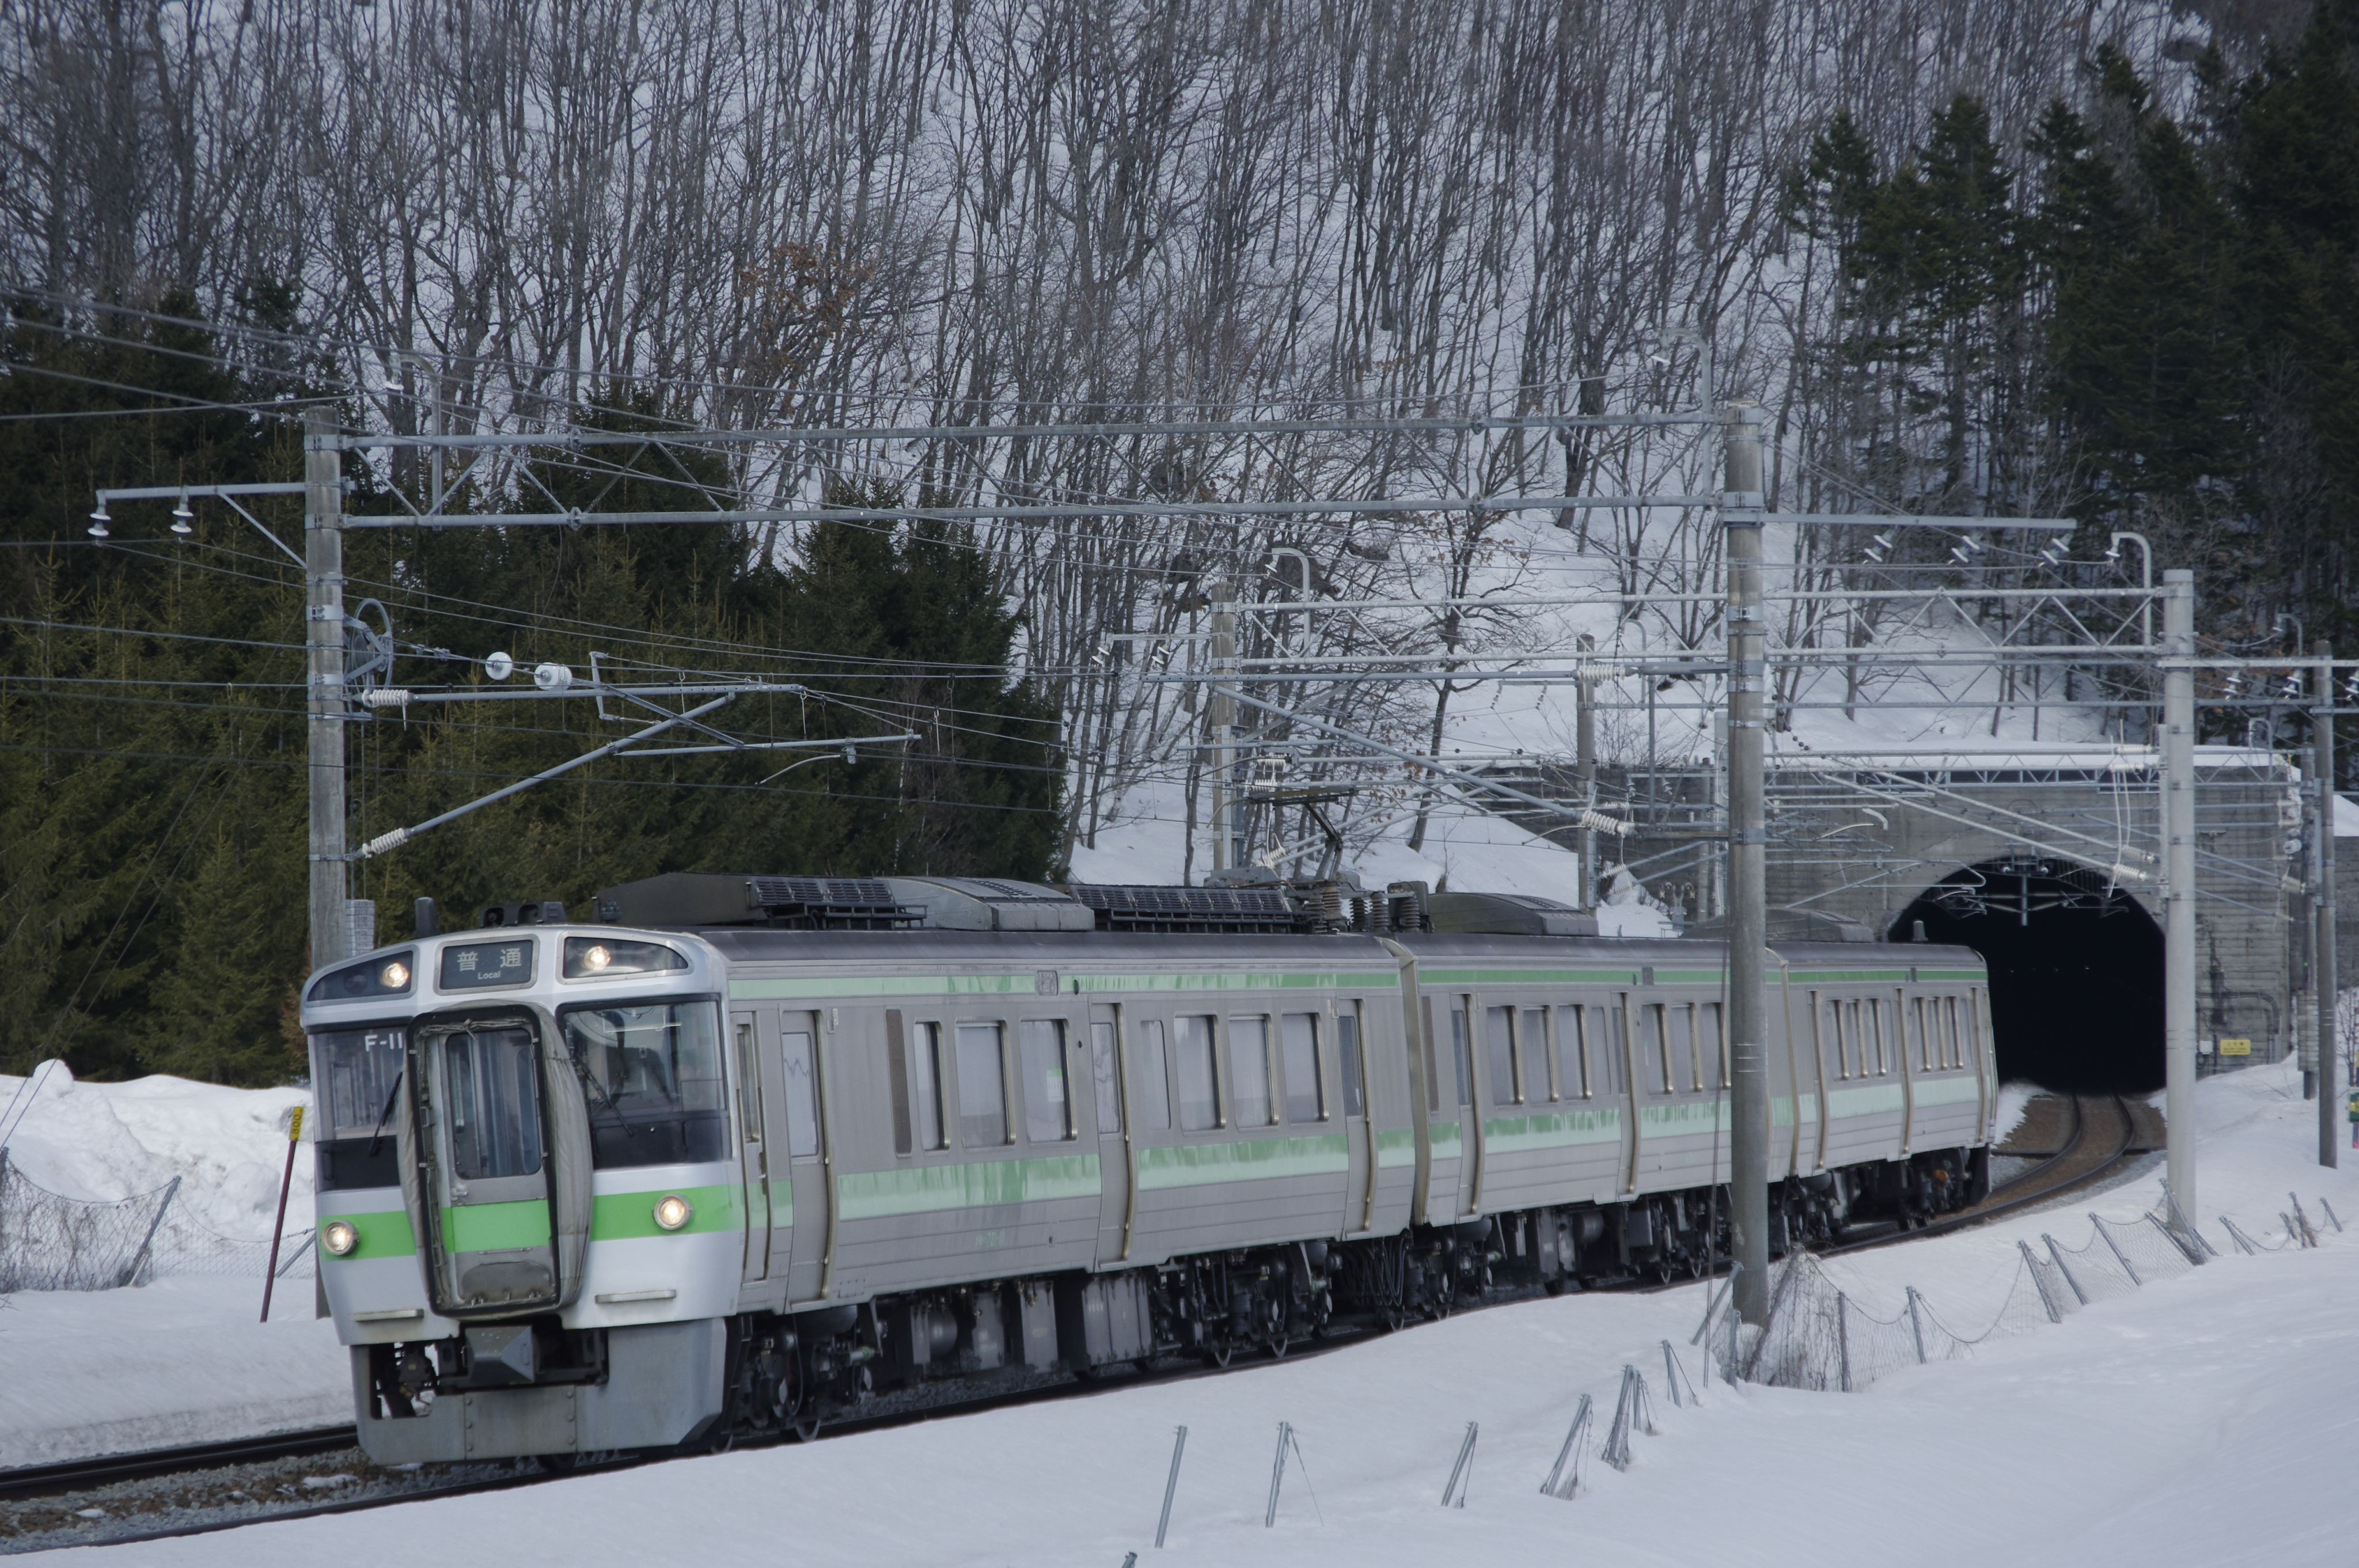 近文−伊納 嵐山トンネル 2330M 普通列車_180325.jpg